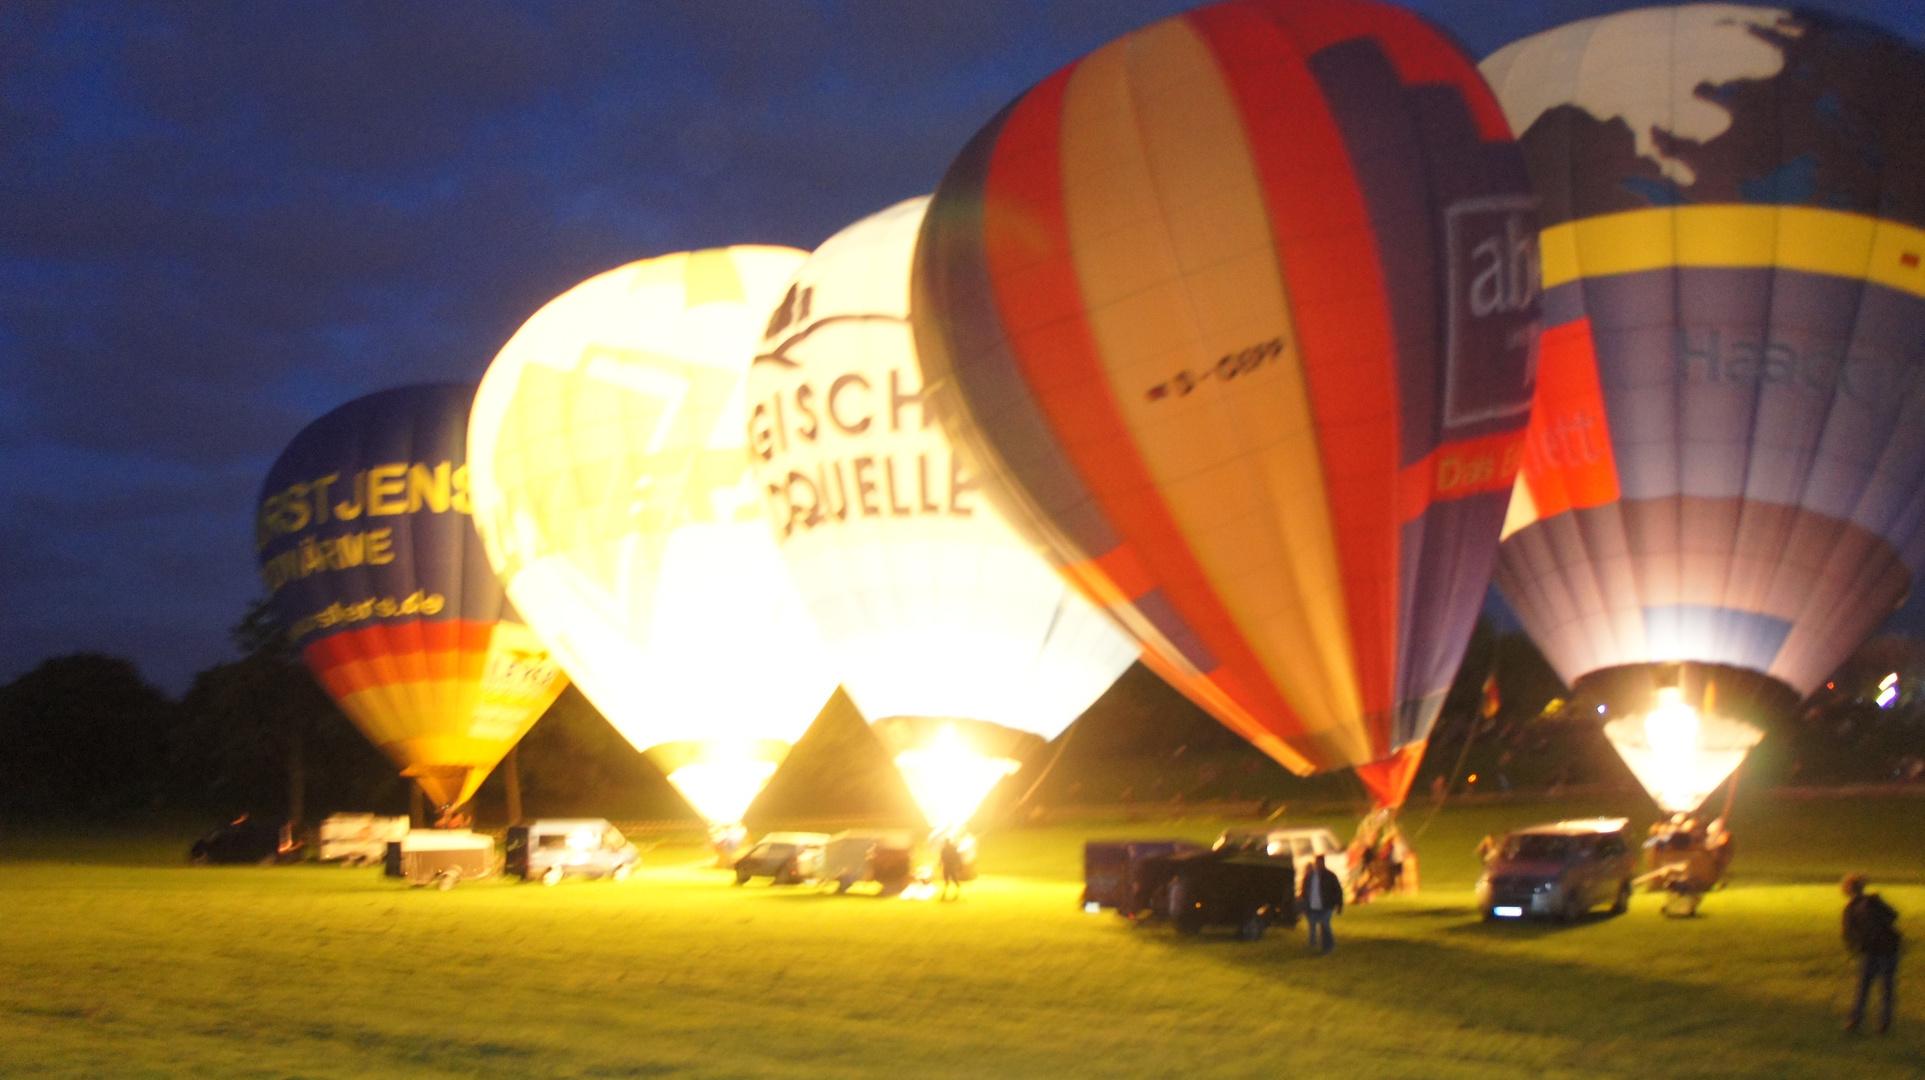 Ballonfestival Bonn 2013-3